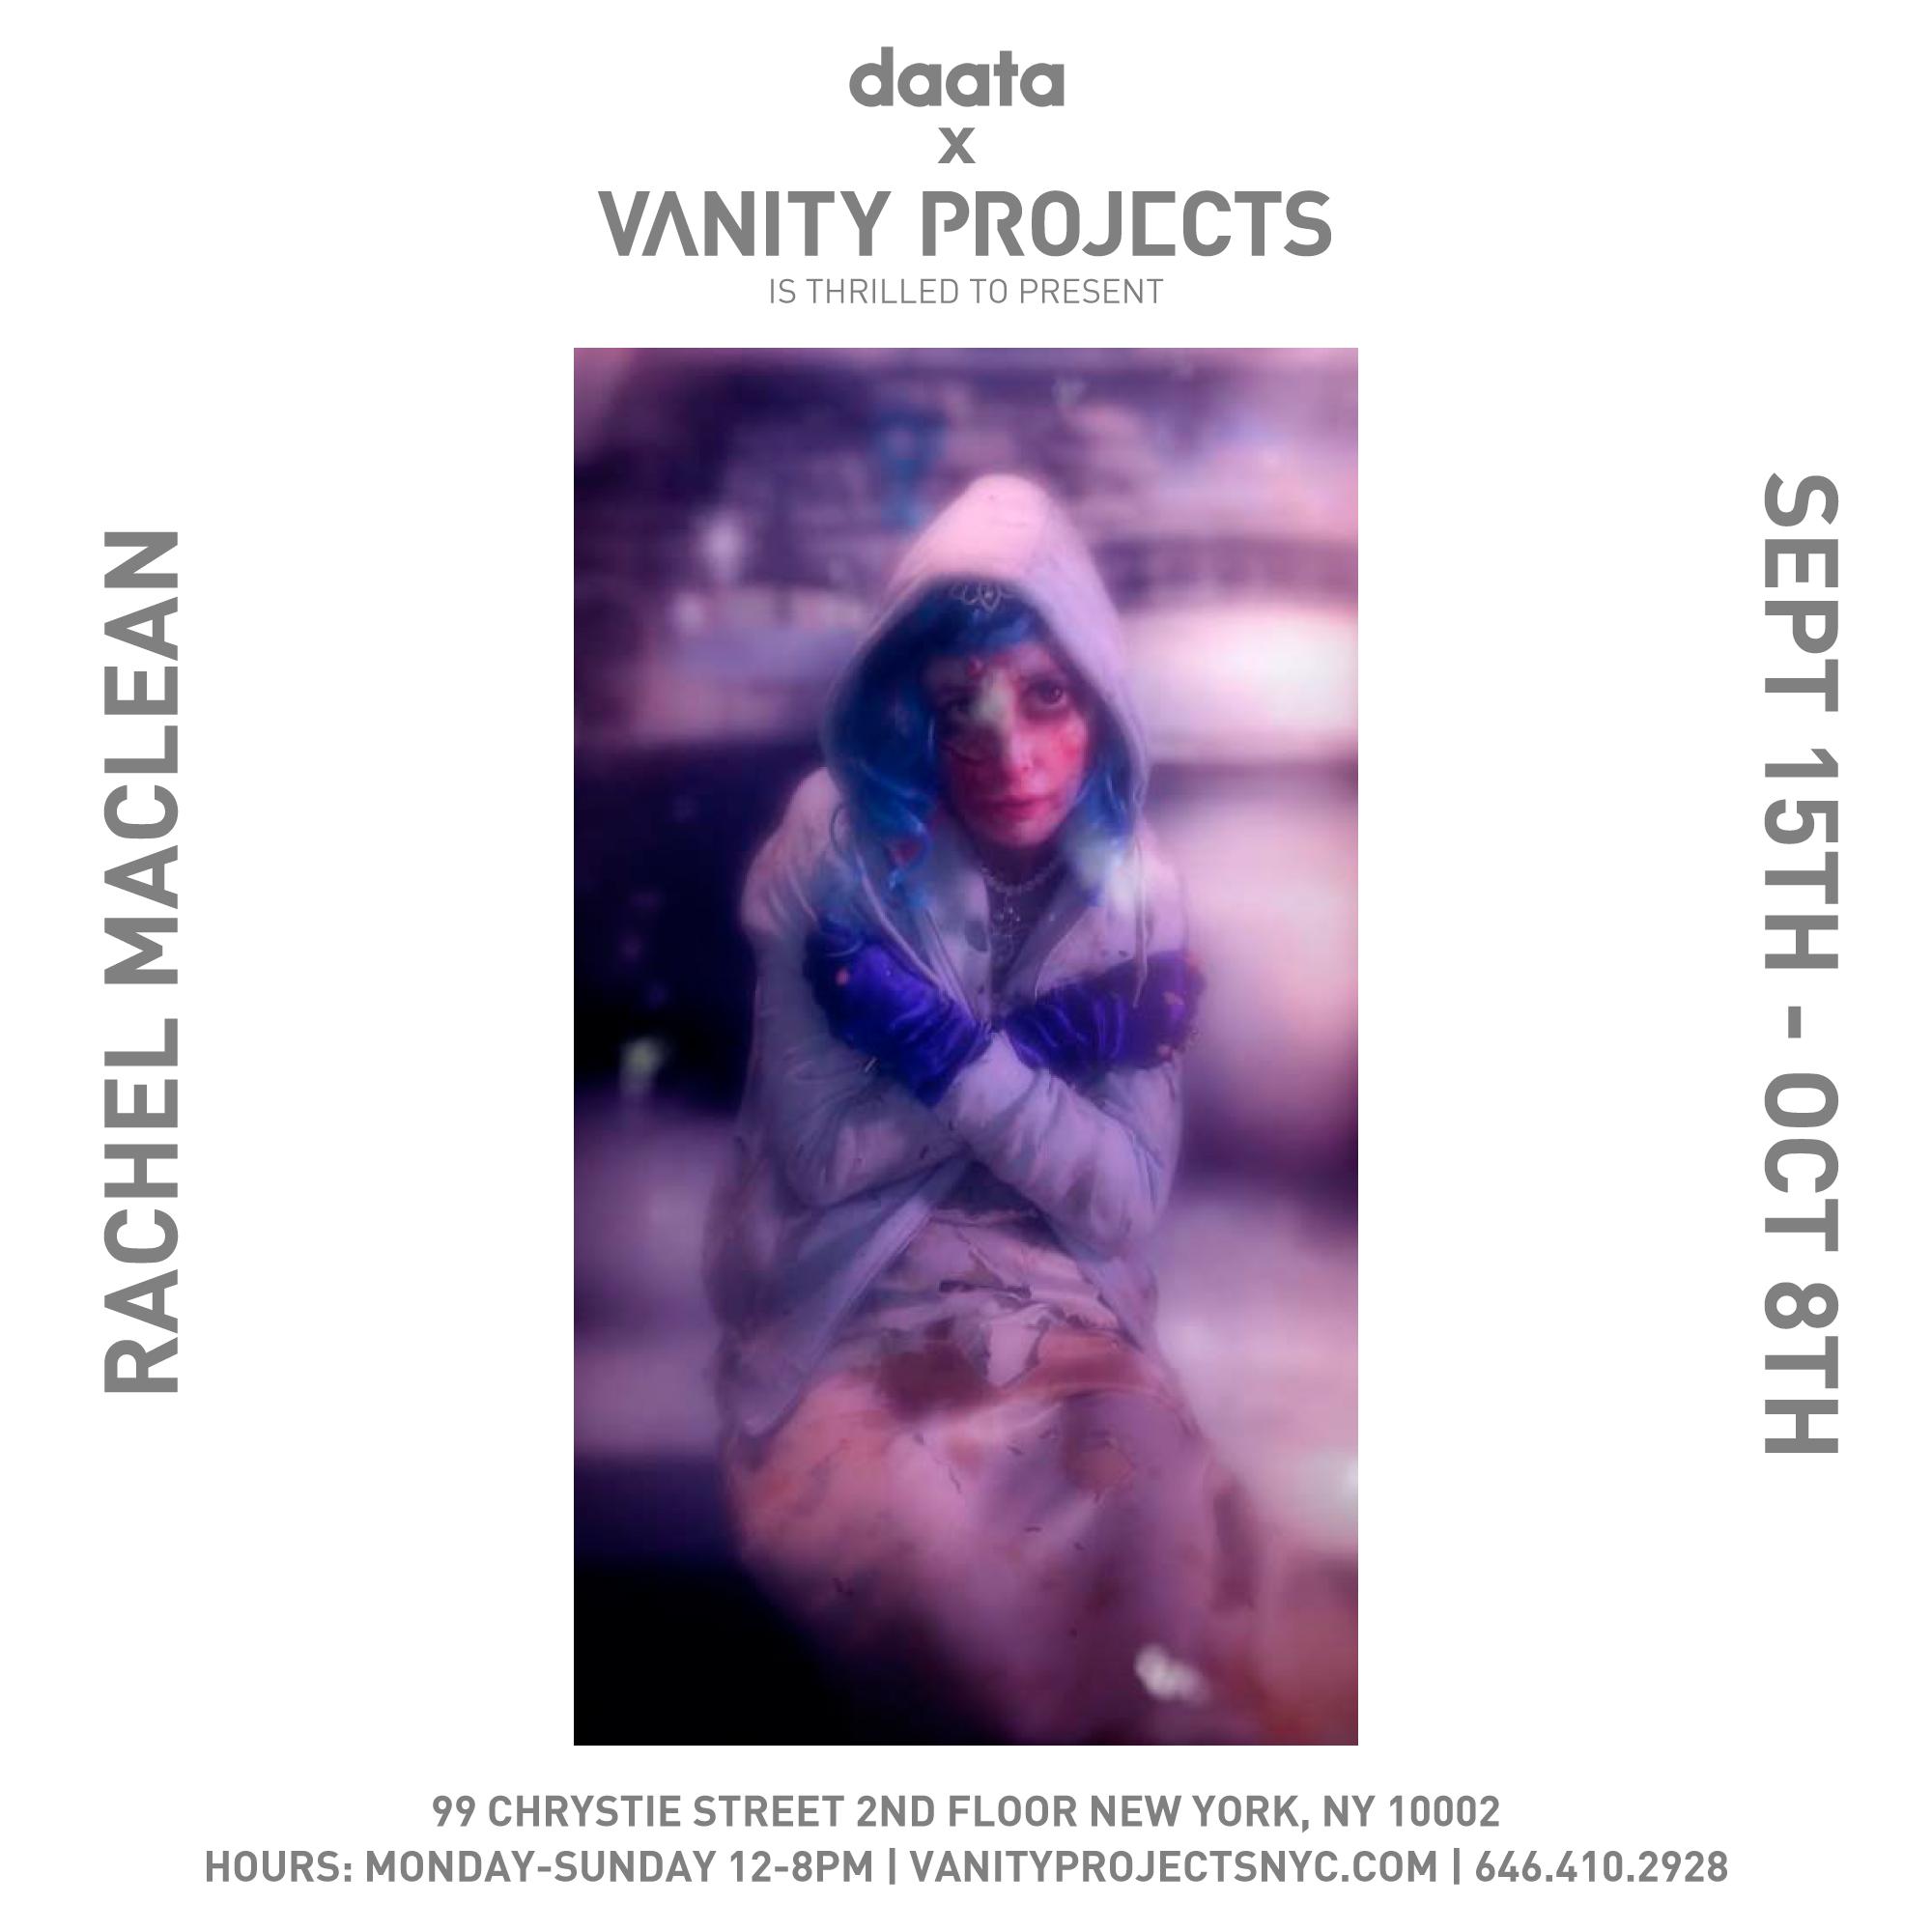 vp_announcements_daata_Rachel_Maclean_1.jpg